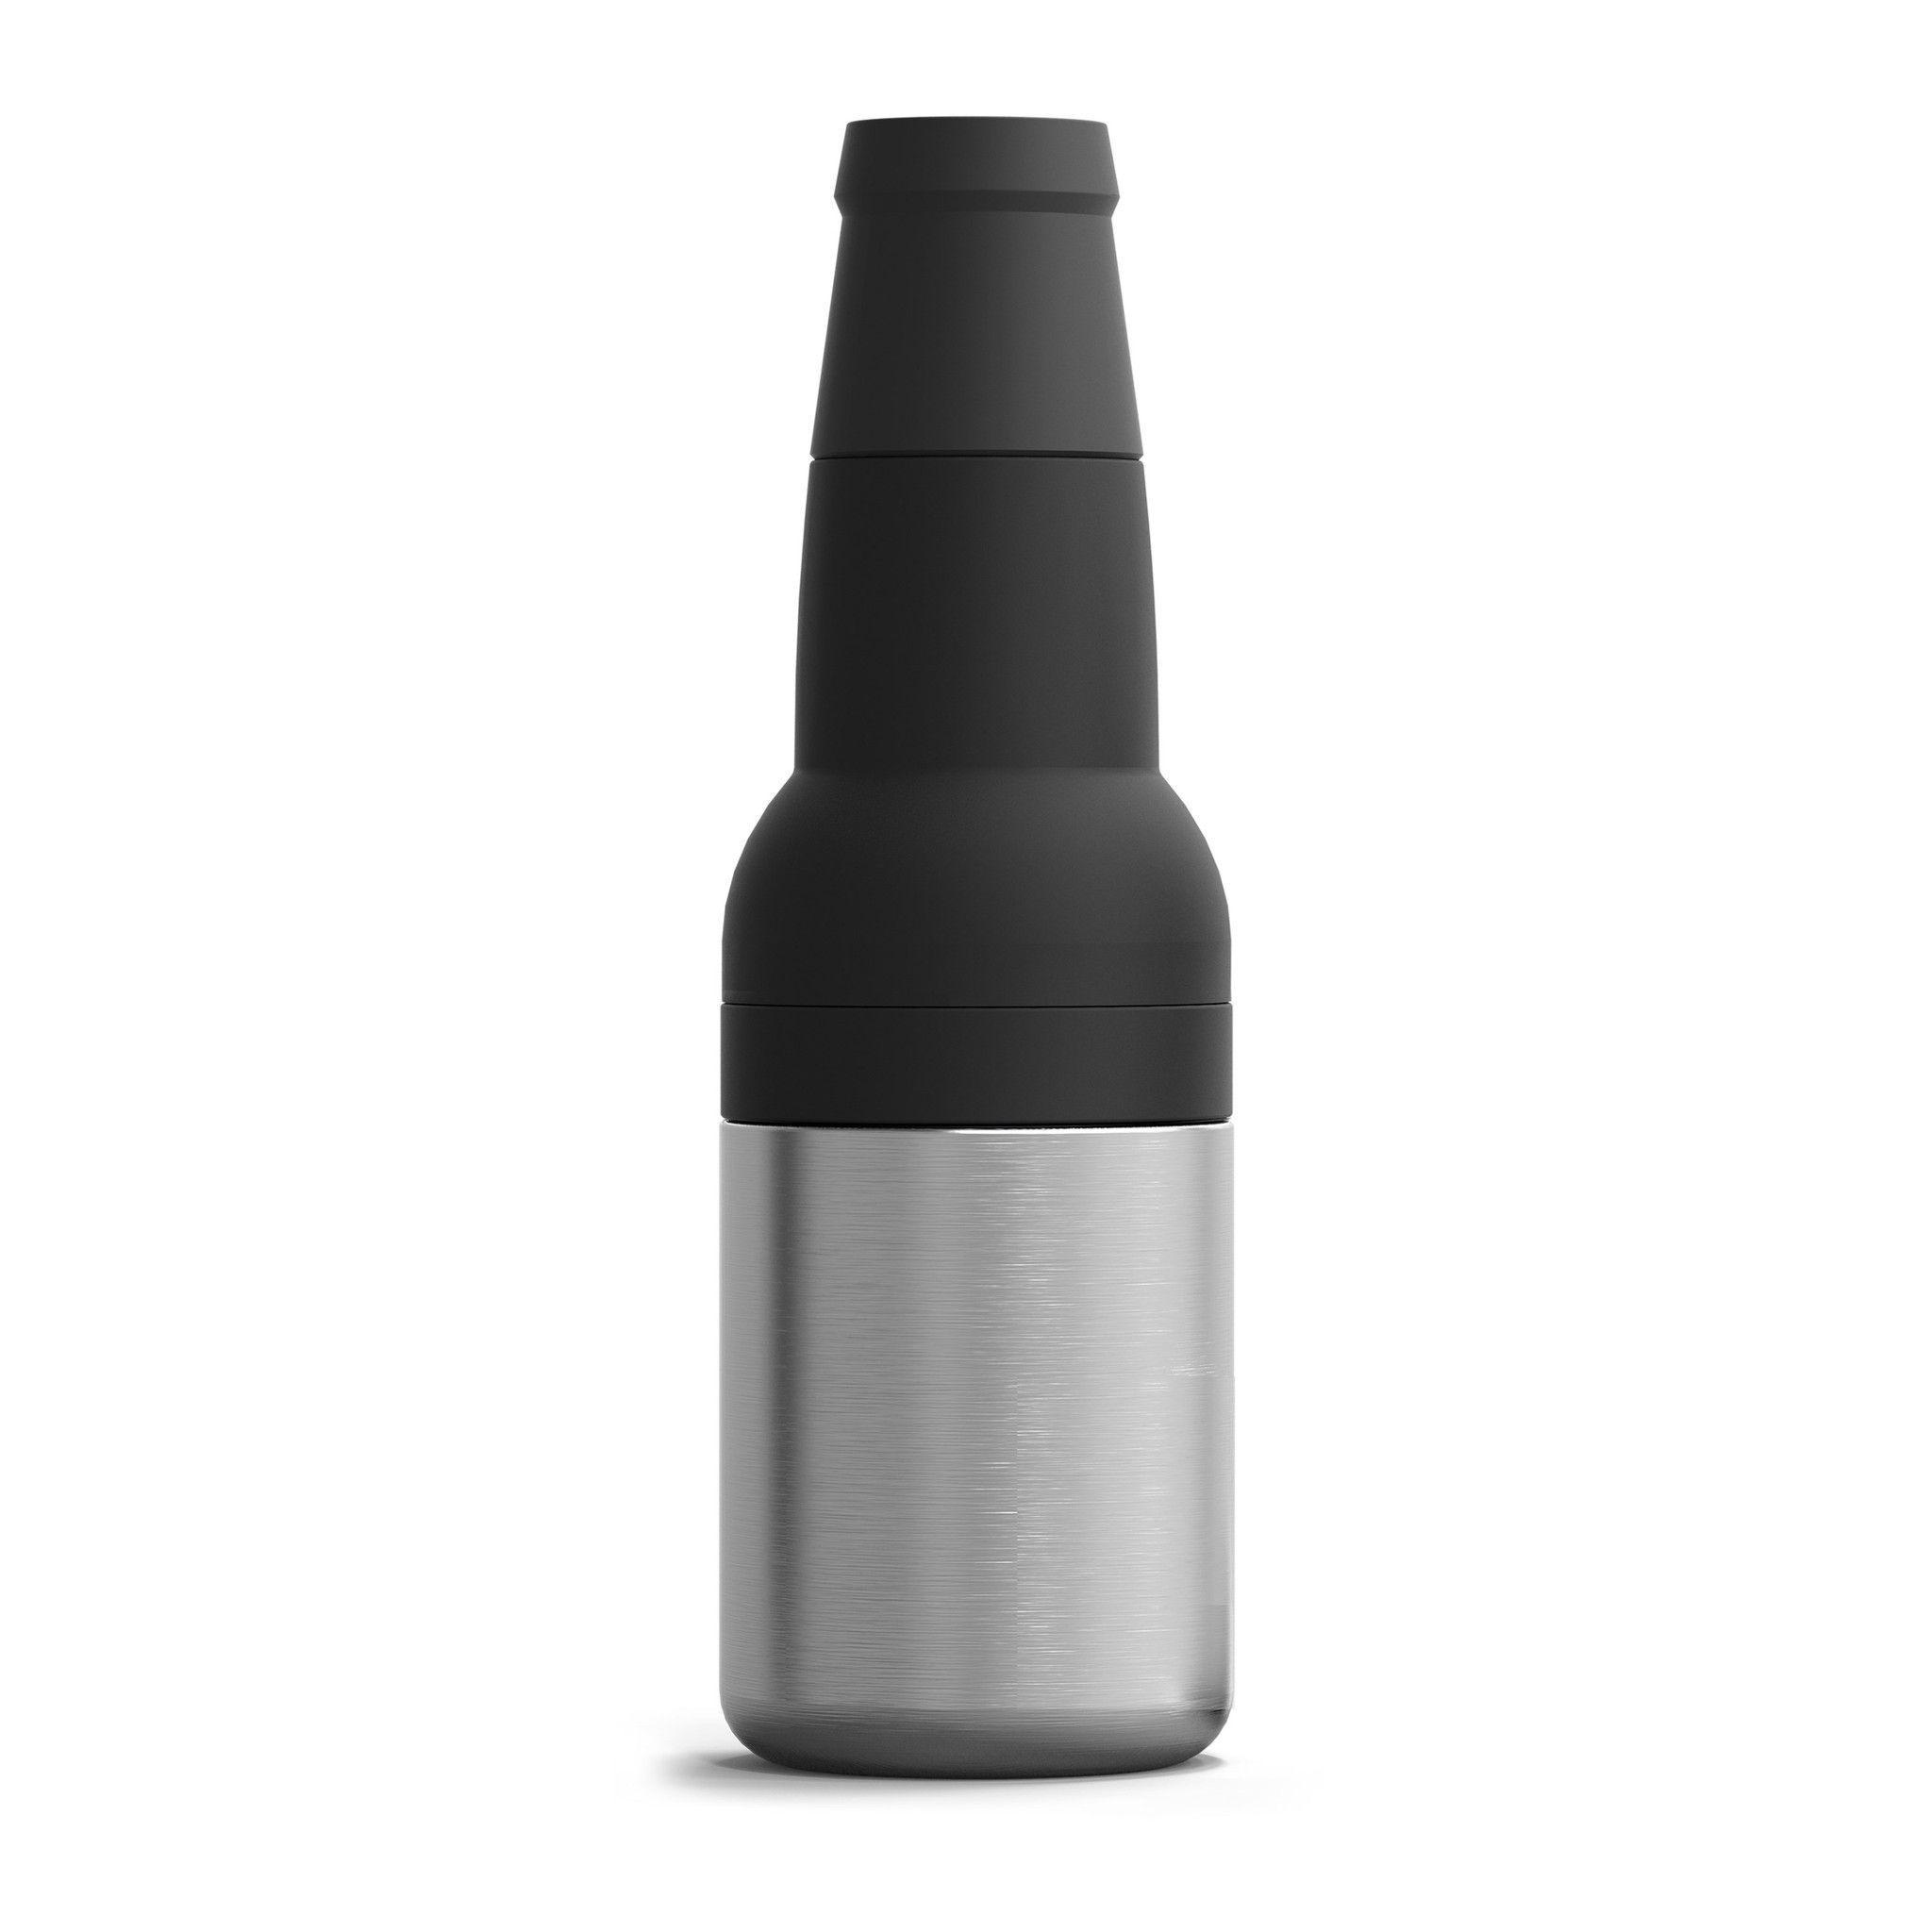 Frosty Beer 2 Go Thermal Beer Holder Beer bottle holder